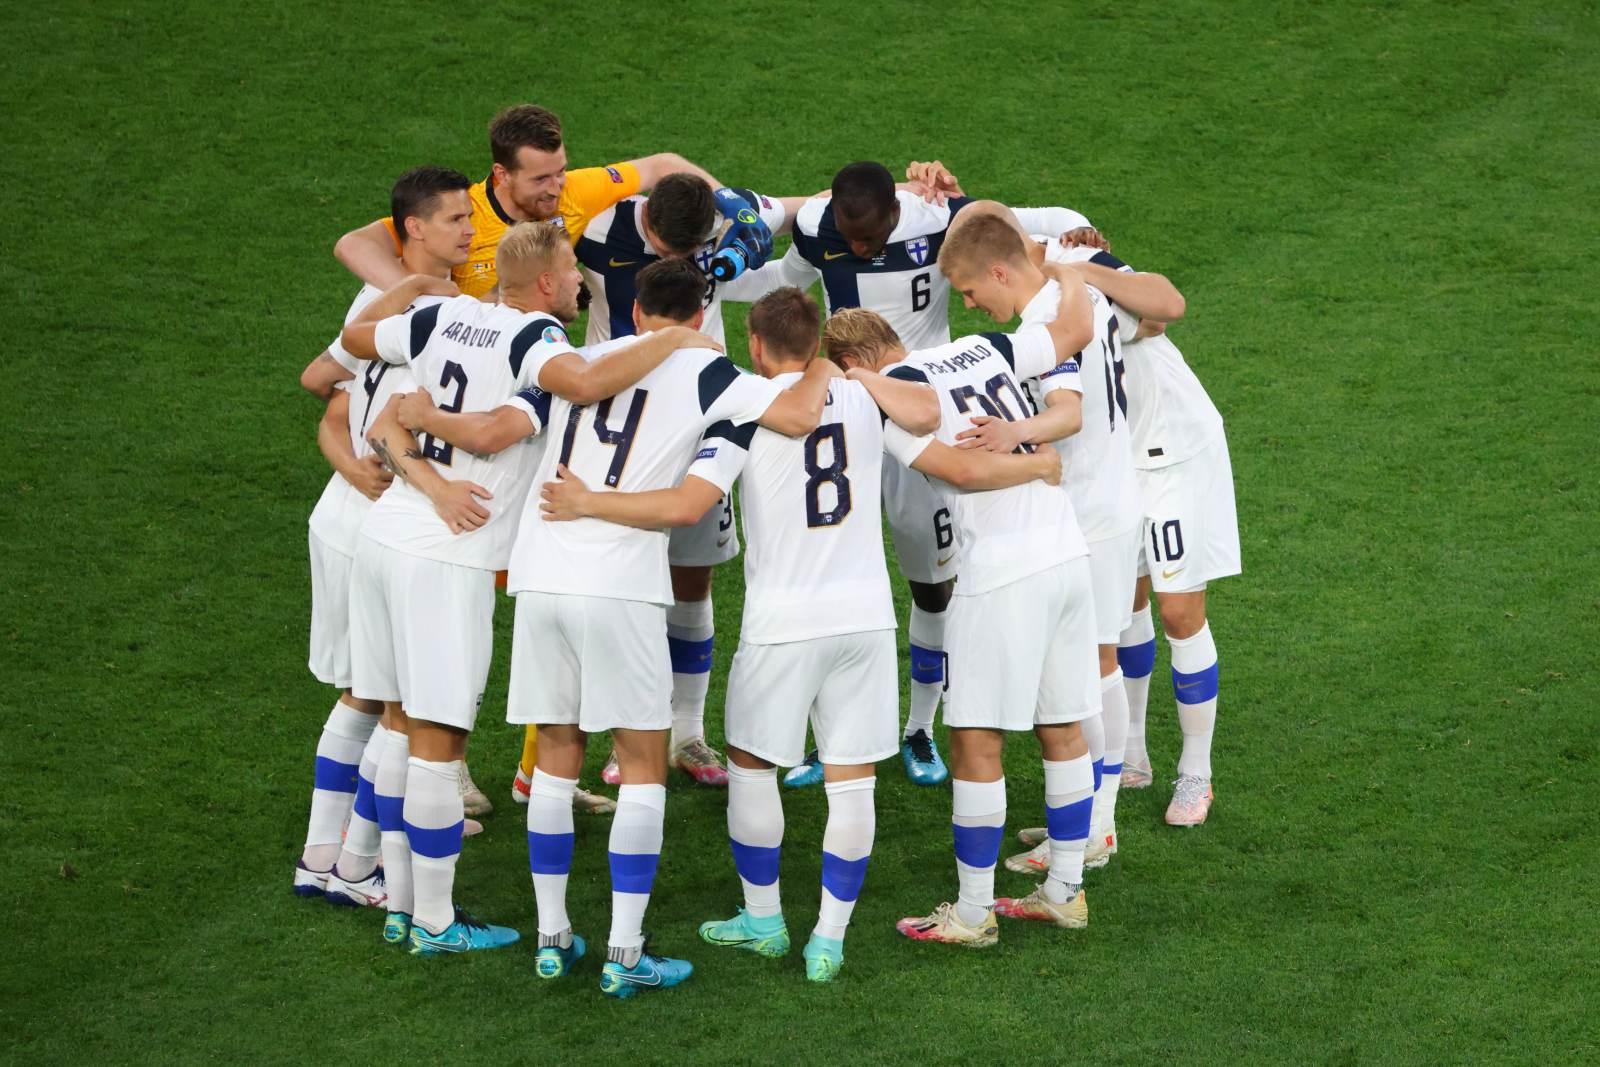 Финляндия обыграла Казахстан и обошла Украину